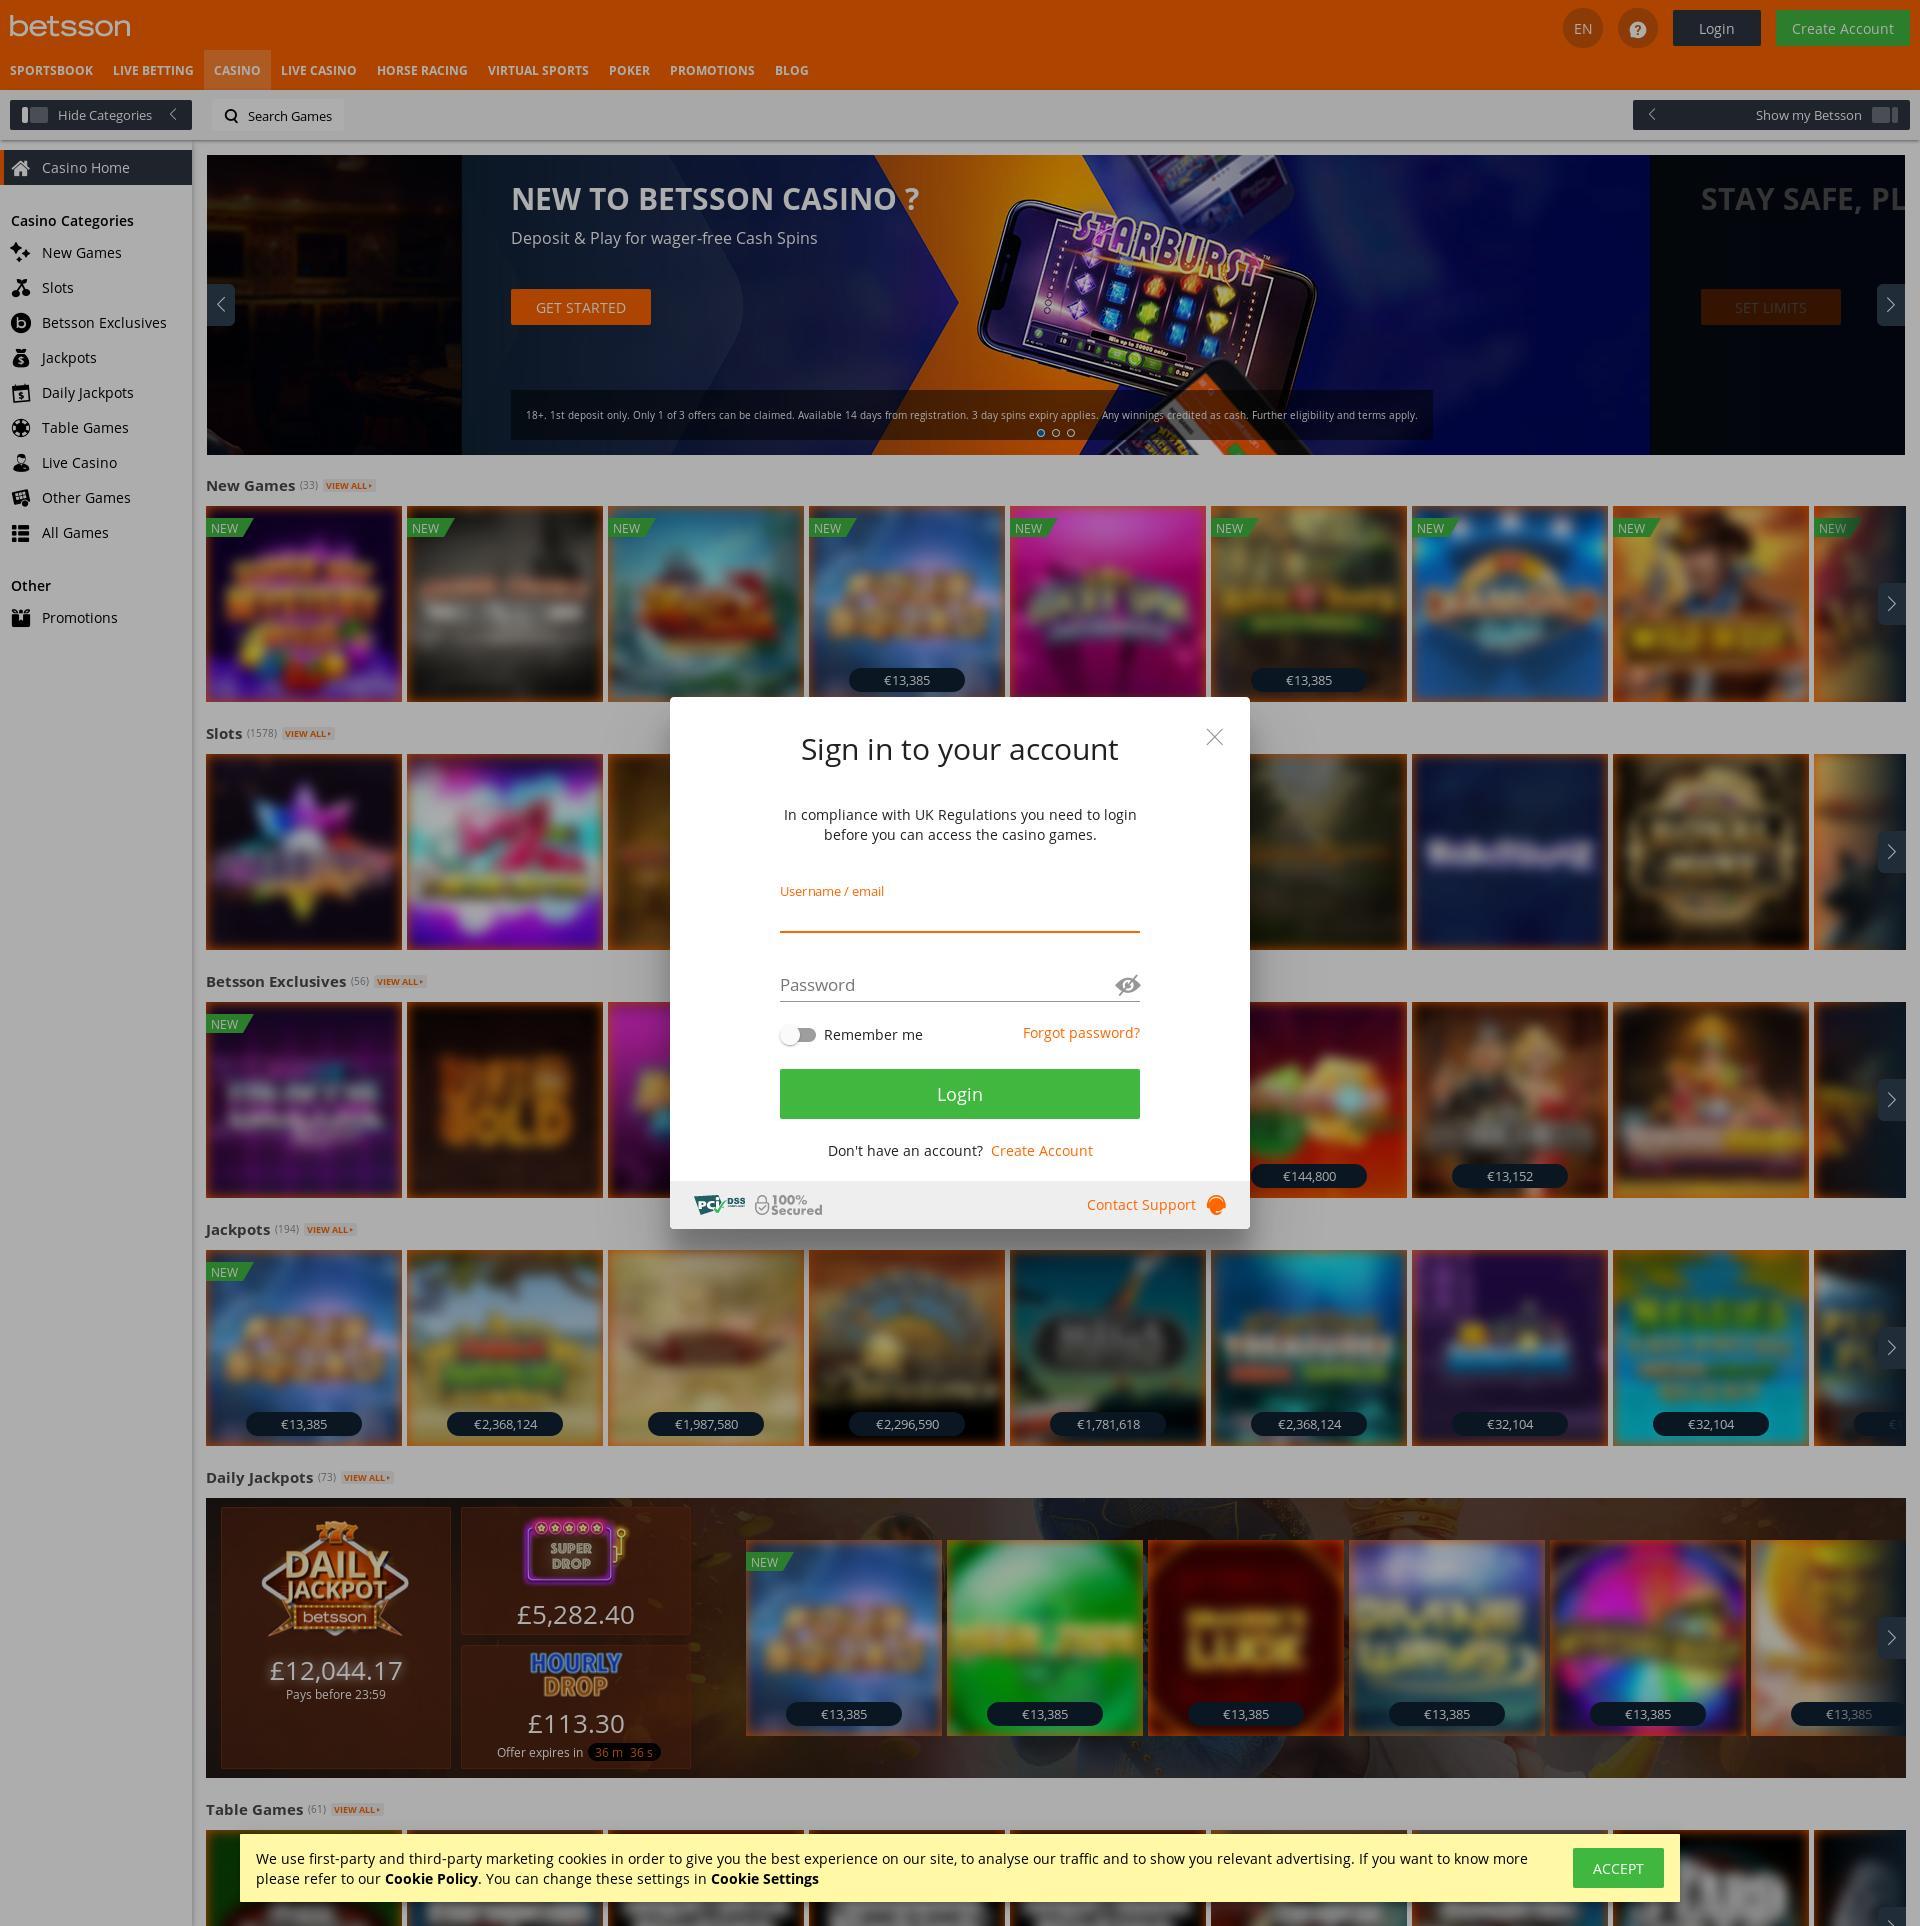 Casino skærm Lobby 2020-05-30 til Det Forenede Kongerige